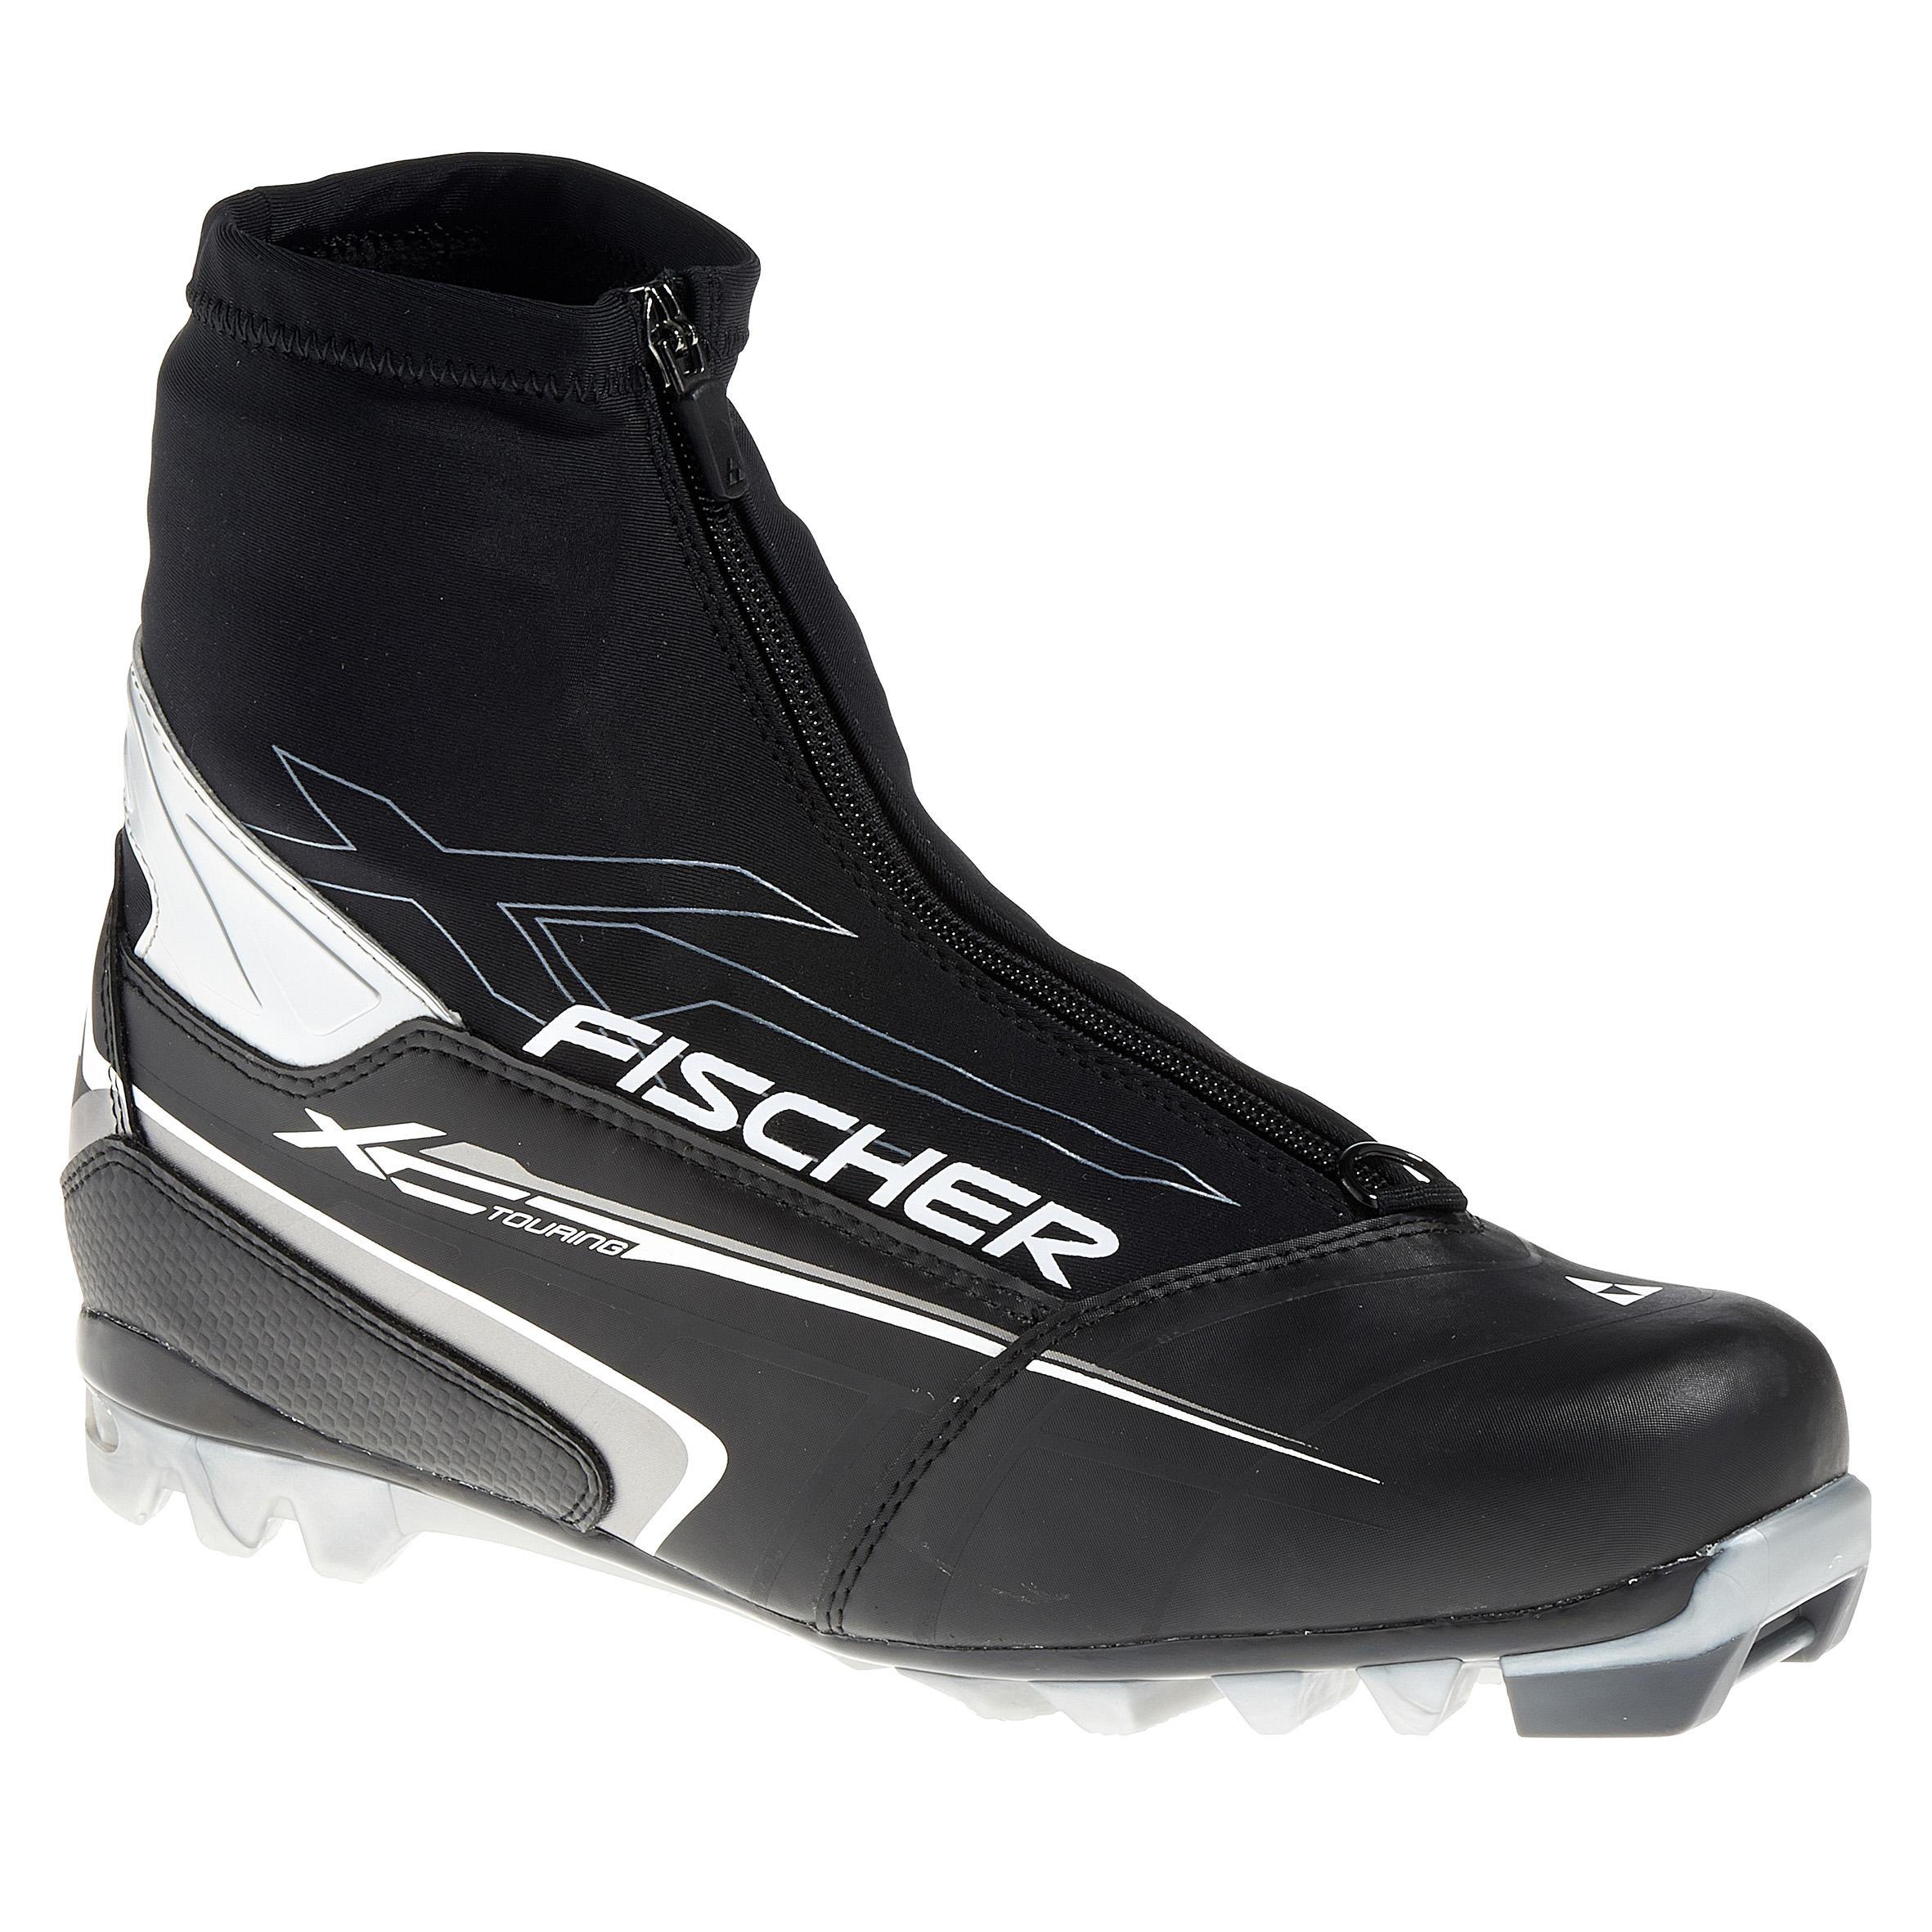 Fischer Langlaufschoenen voor heren sportief XC Touring T3 NNN thumbnail